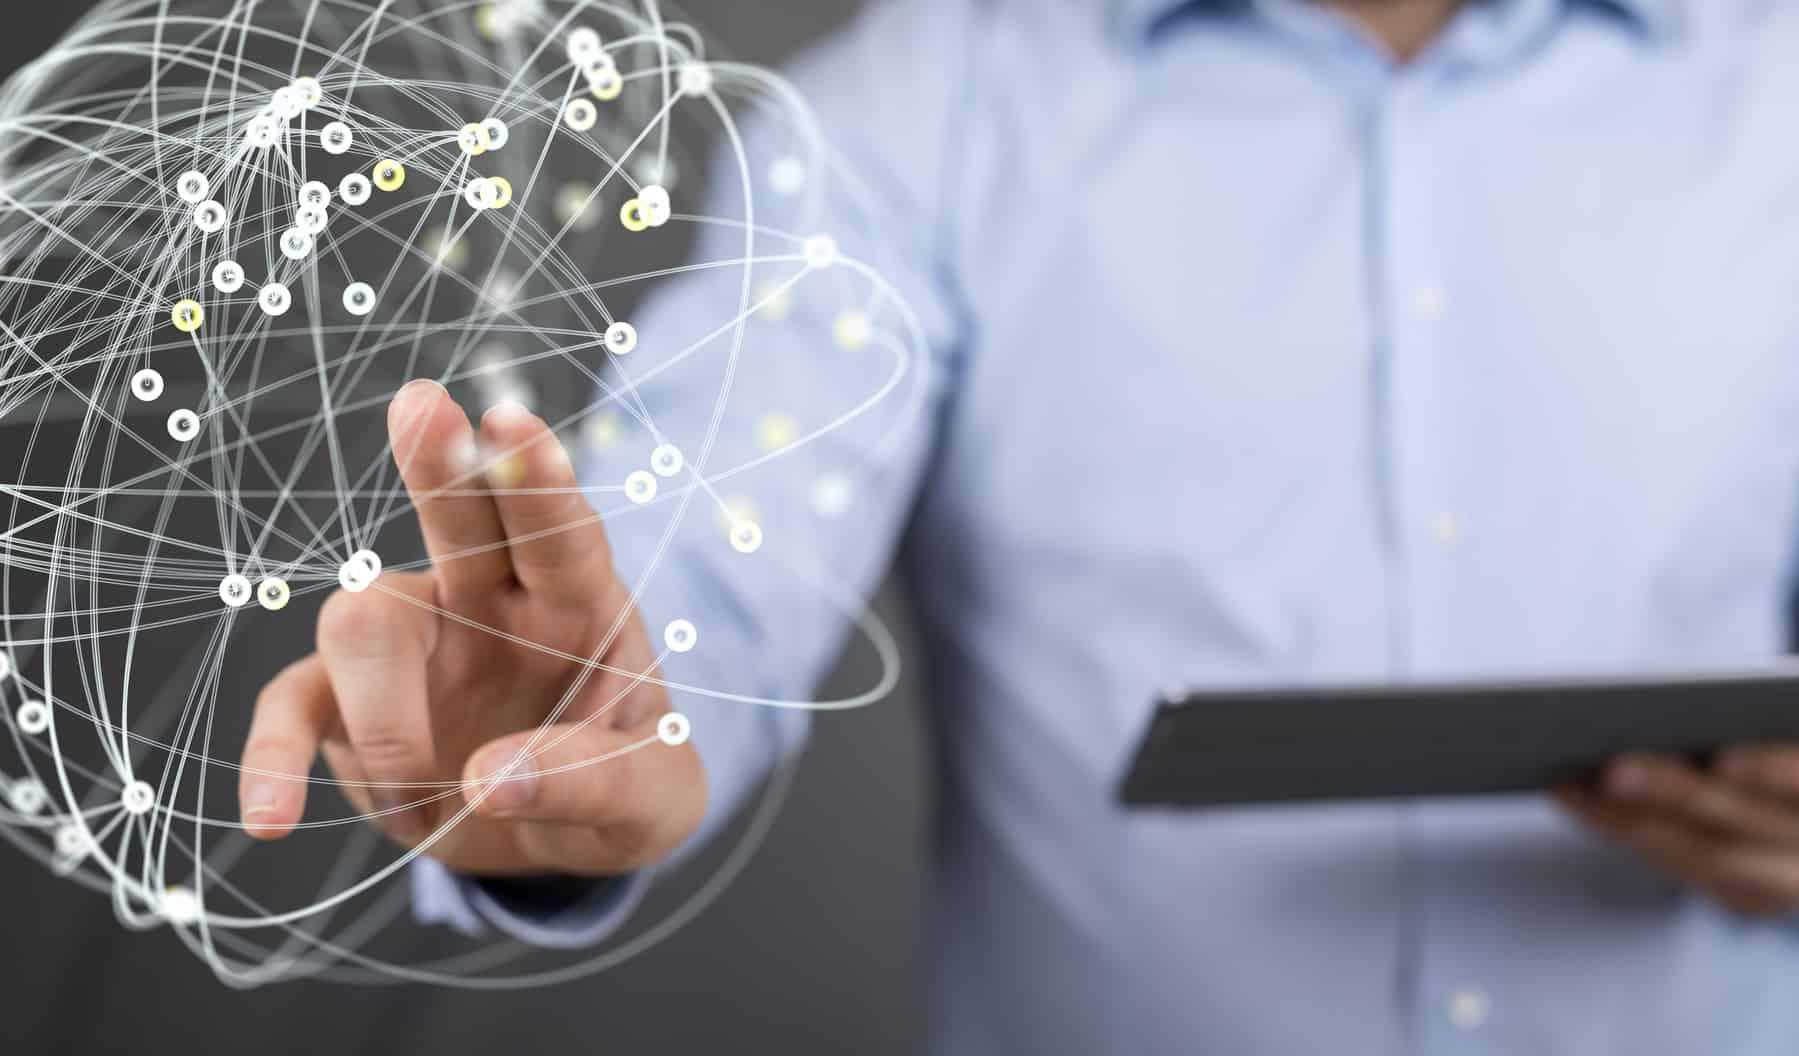 La Cámara Nacional de la Industria Electrónica, de Telecomunicaciones y Tecnologías de la Información propuso una serie de medidas encaminadas a fortalecer la adopción por parte de los mexicanos de las tecnologías de la información y la comunicación.